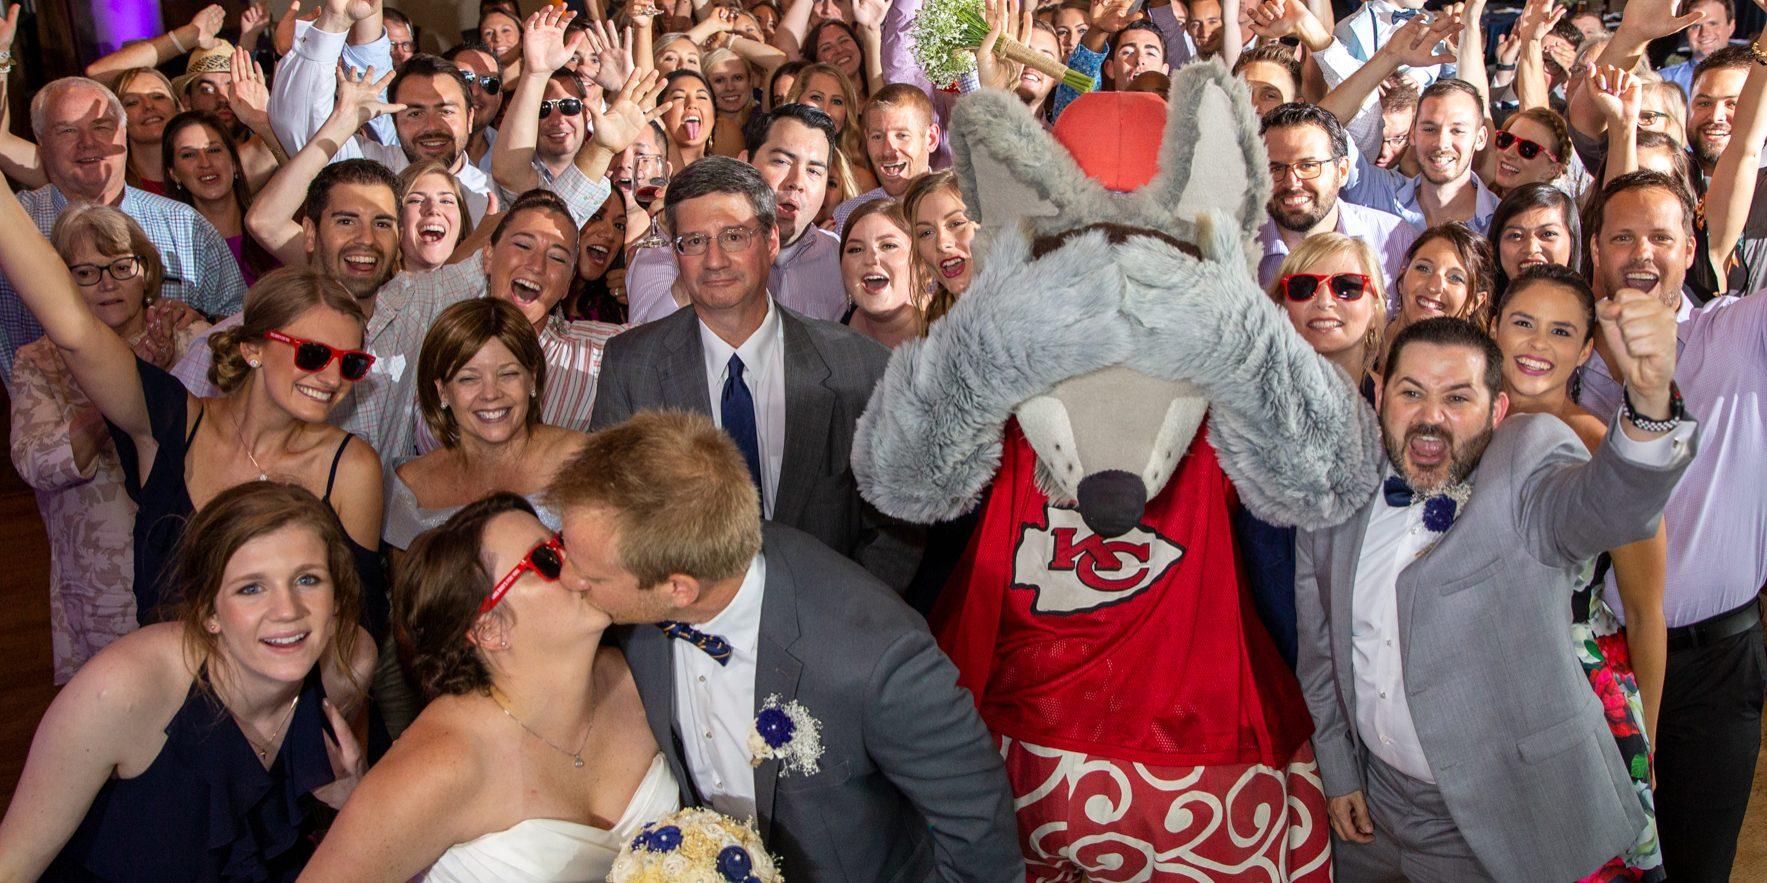 Wedding_GroupPhoto_2